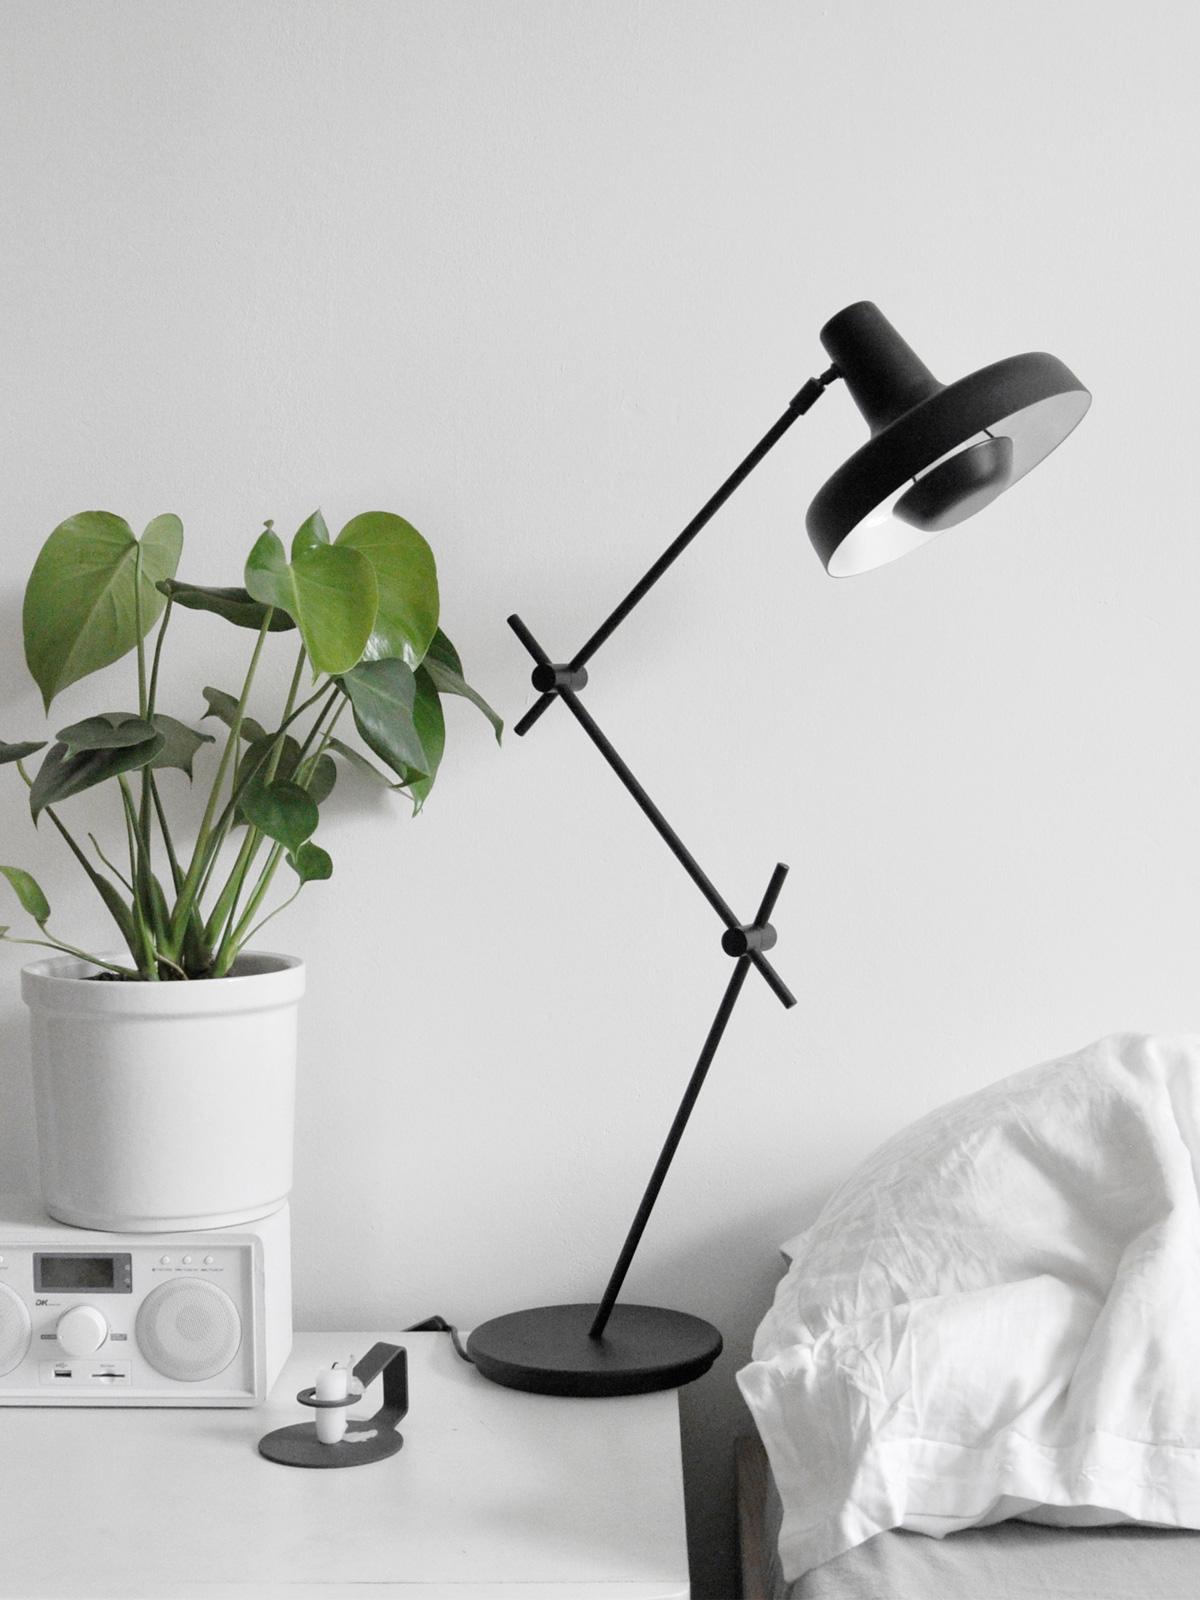 DesignOrt Blog: Jahresrückblick 2018 Tisch Lampe Arigato Grupa Products